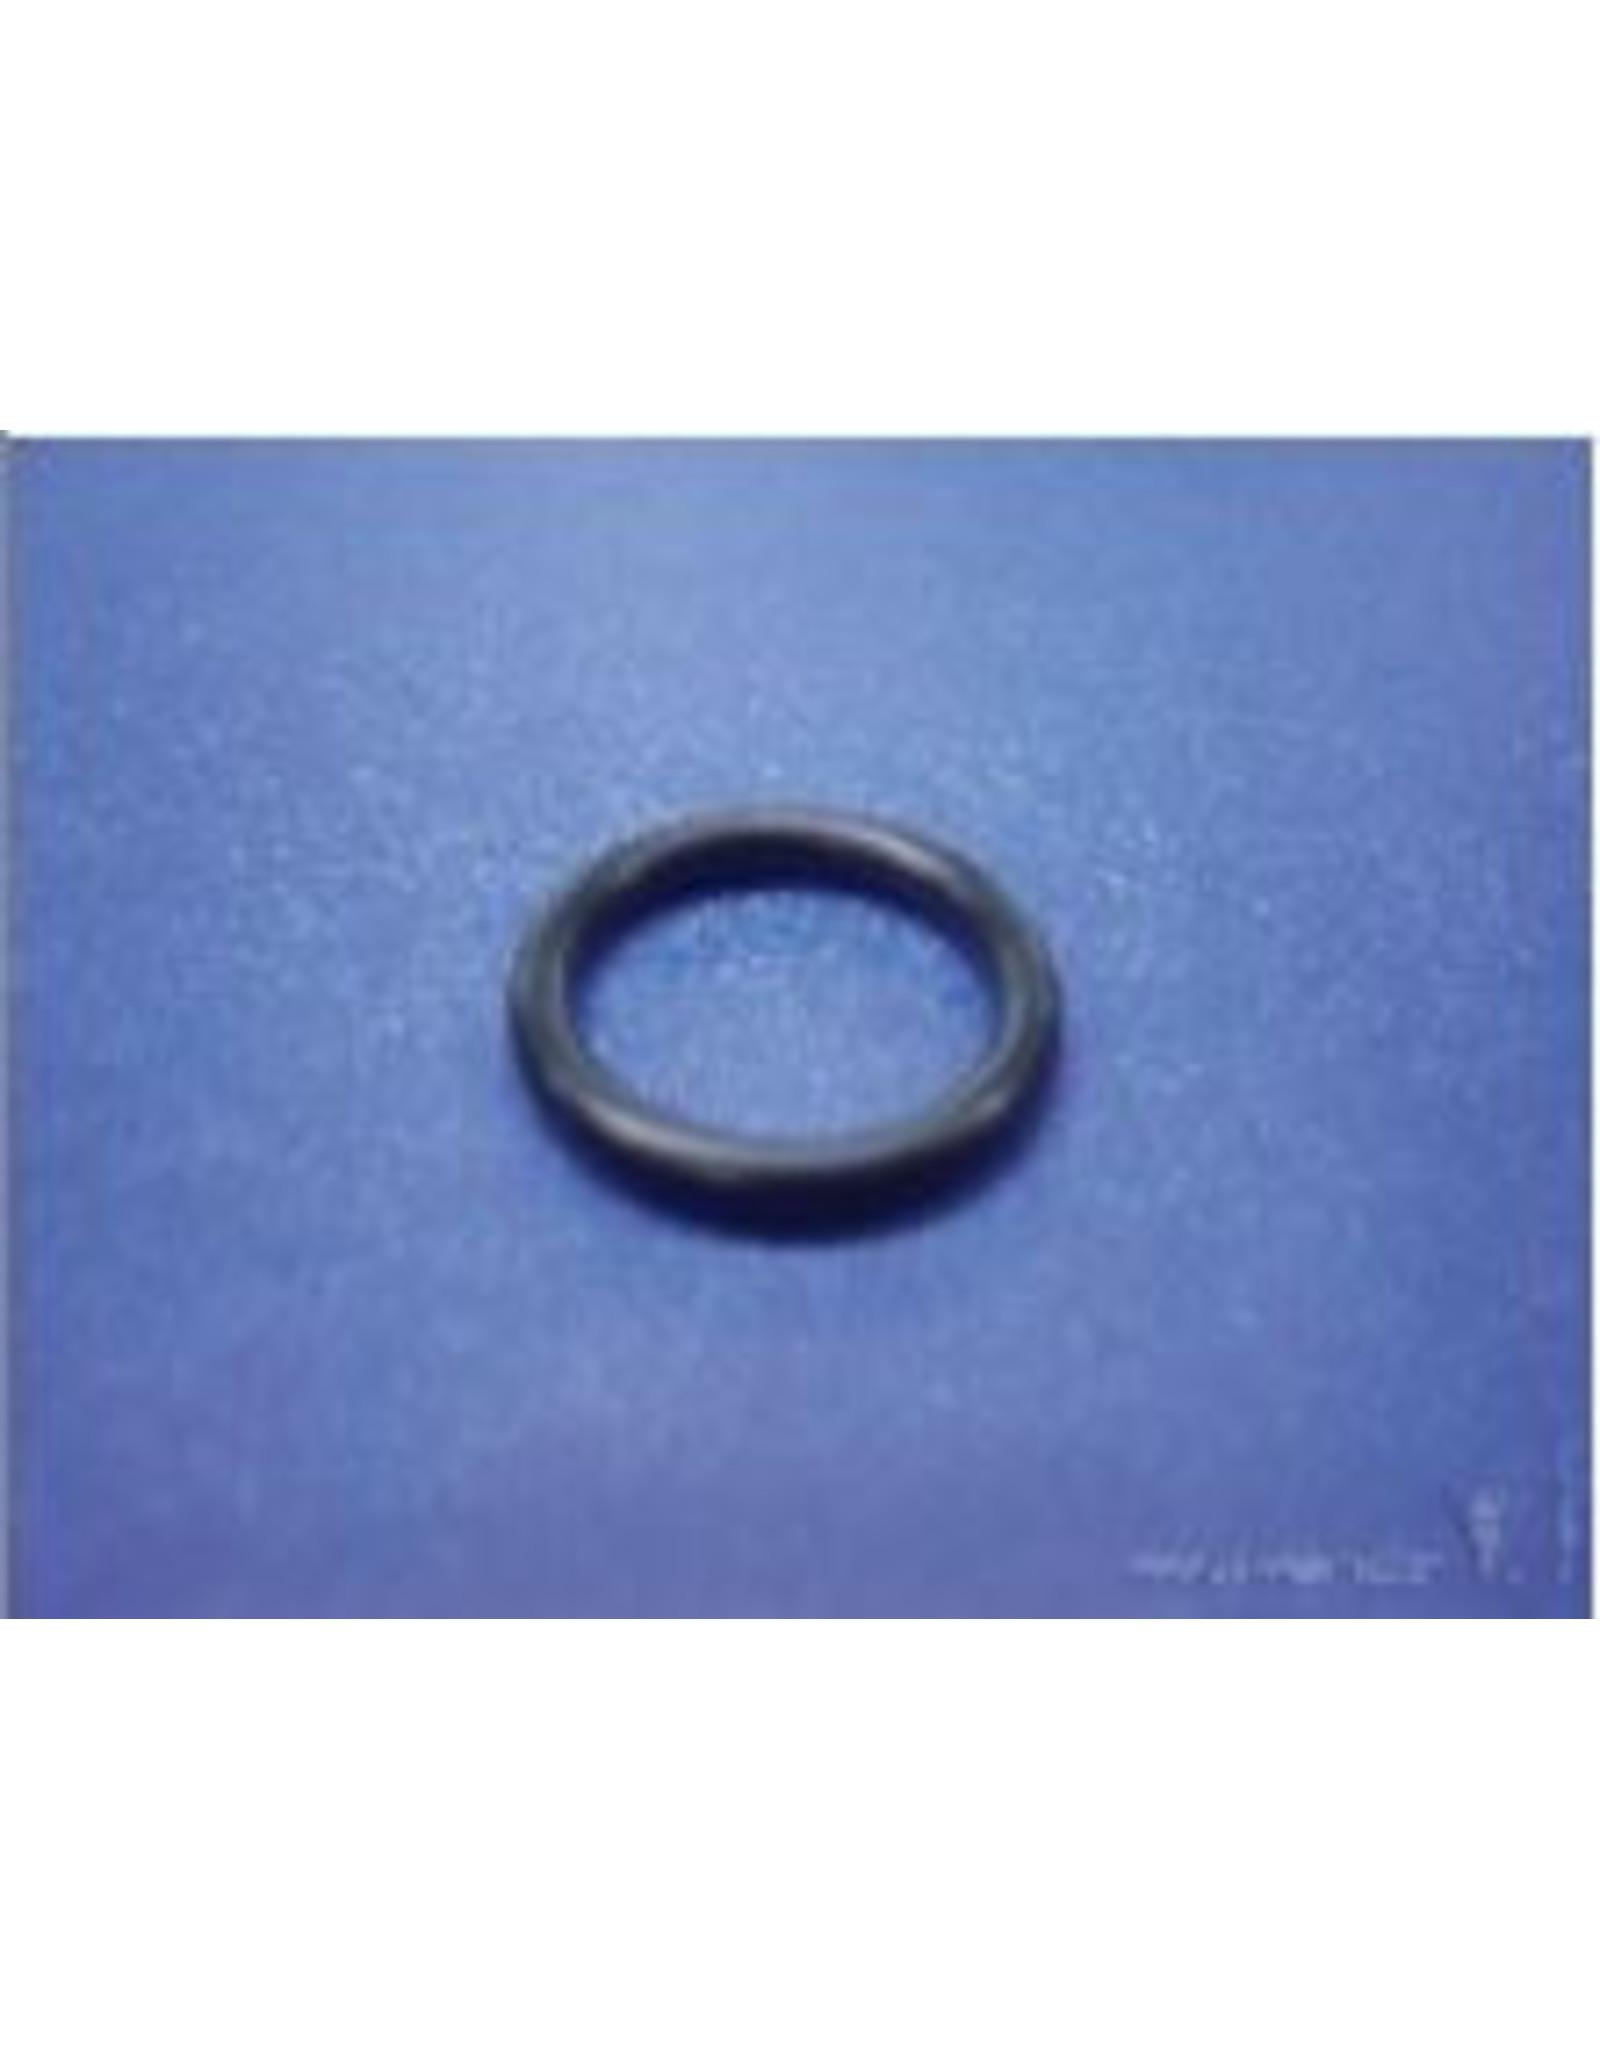 KMT Style O-Ring, Retaining Flange